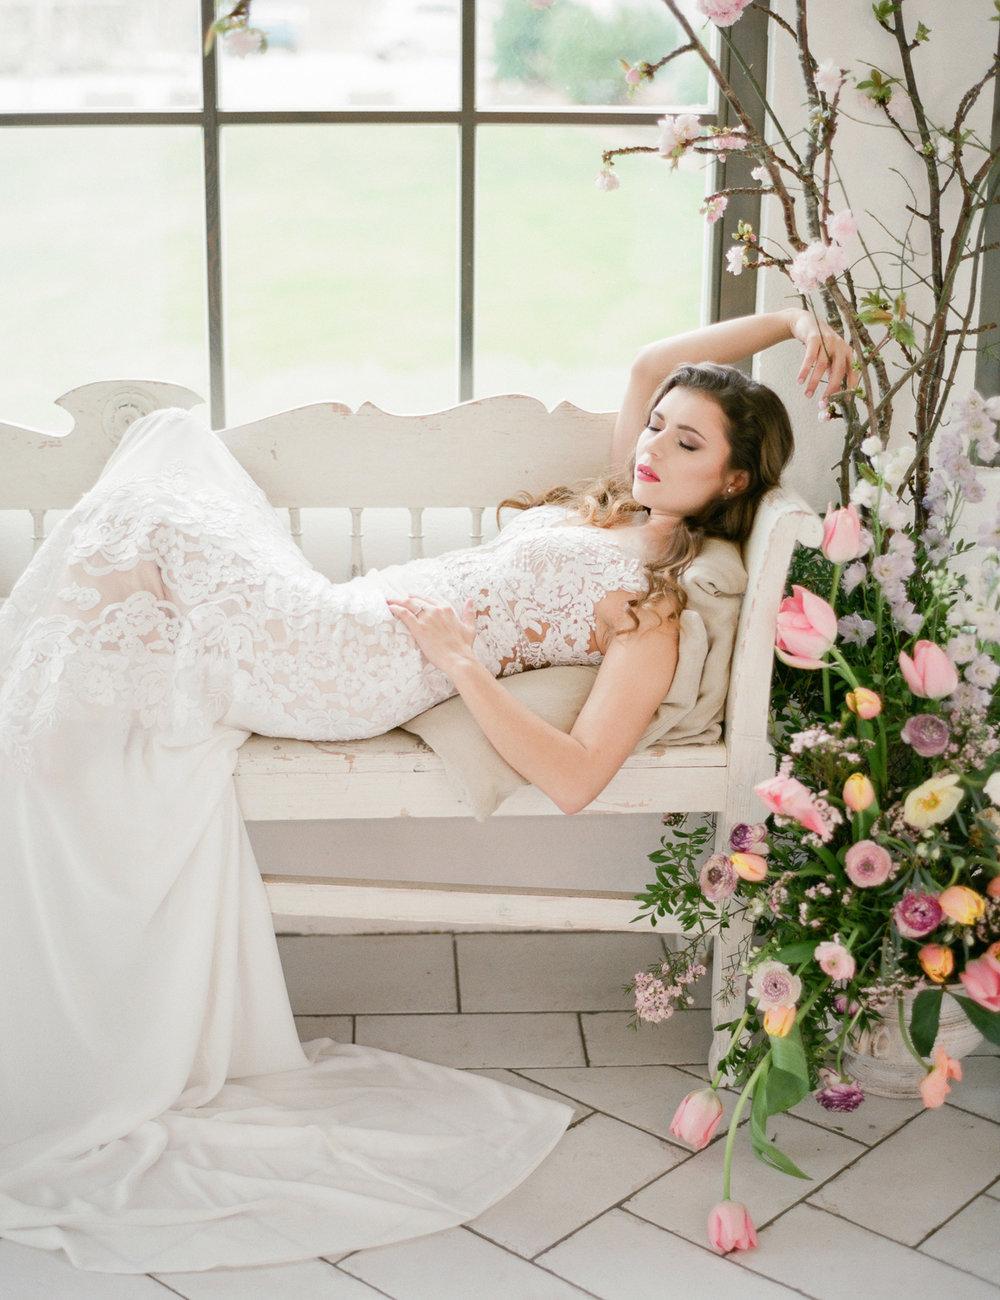 wiegerova_vila_svadba_nikol_bodnarova